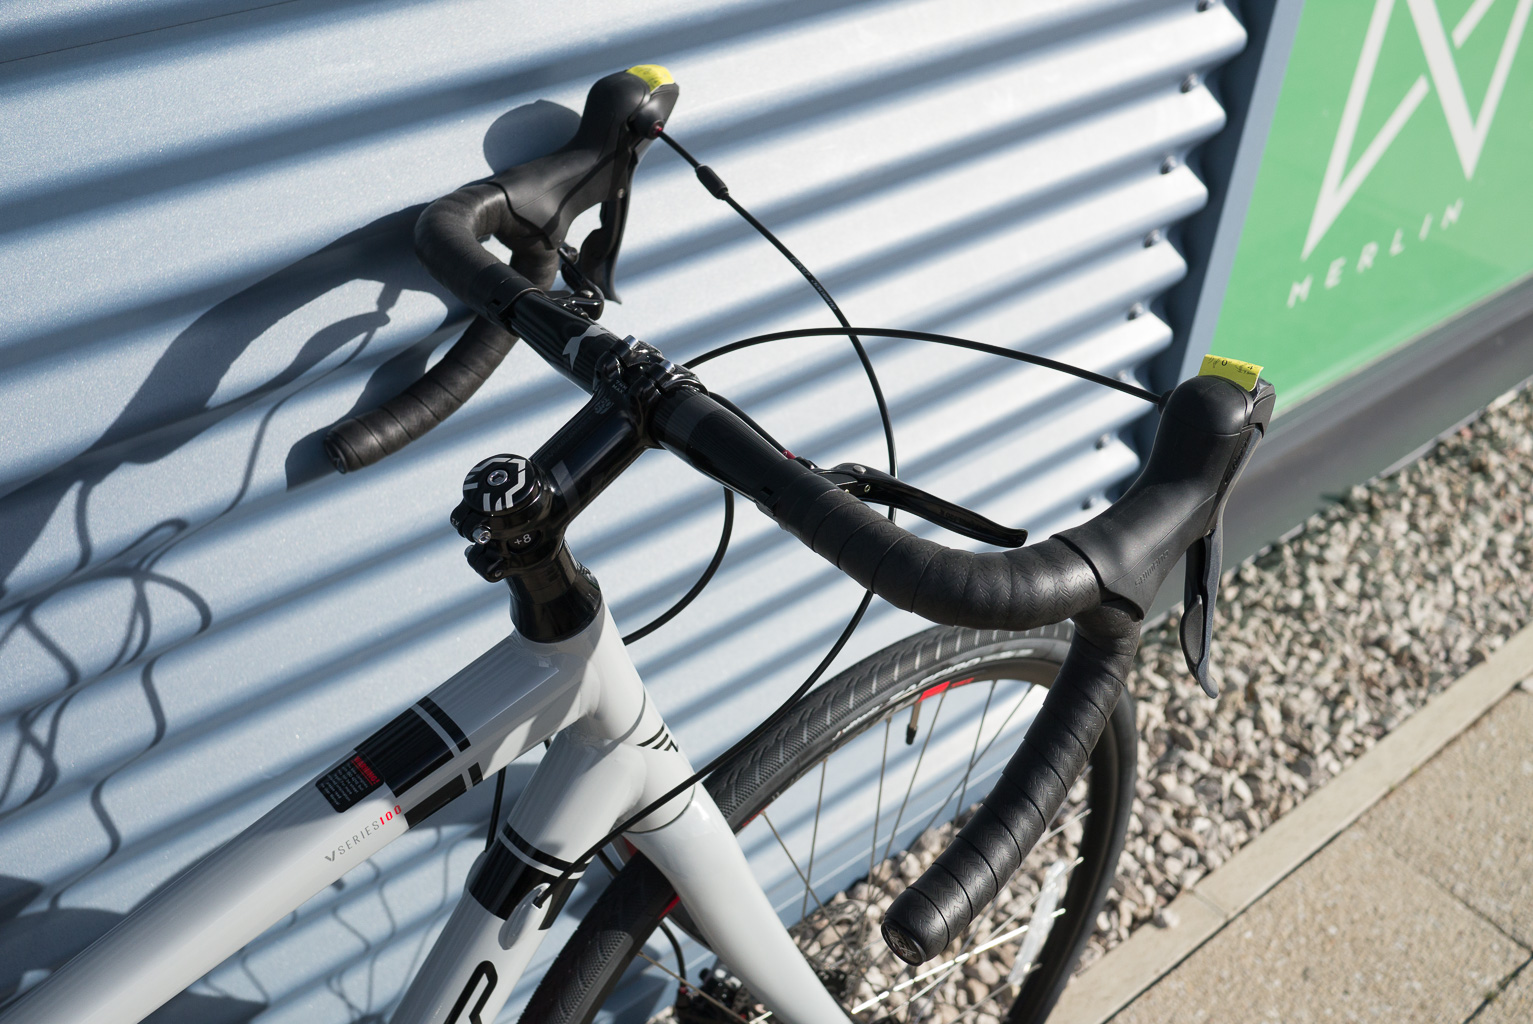 2016 felt v55 gravel adventure bike shorter stem wider bars